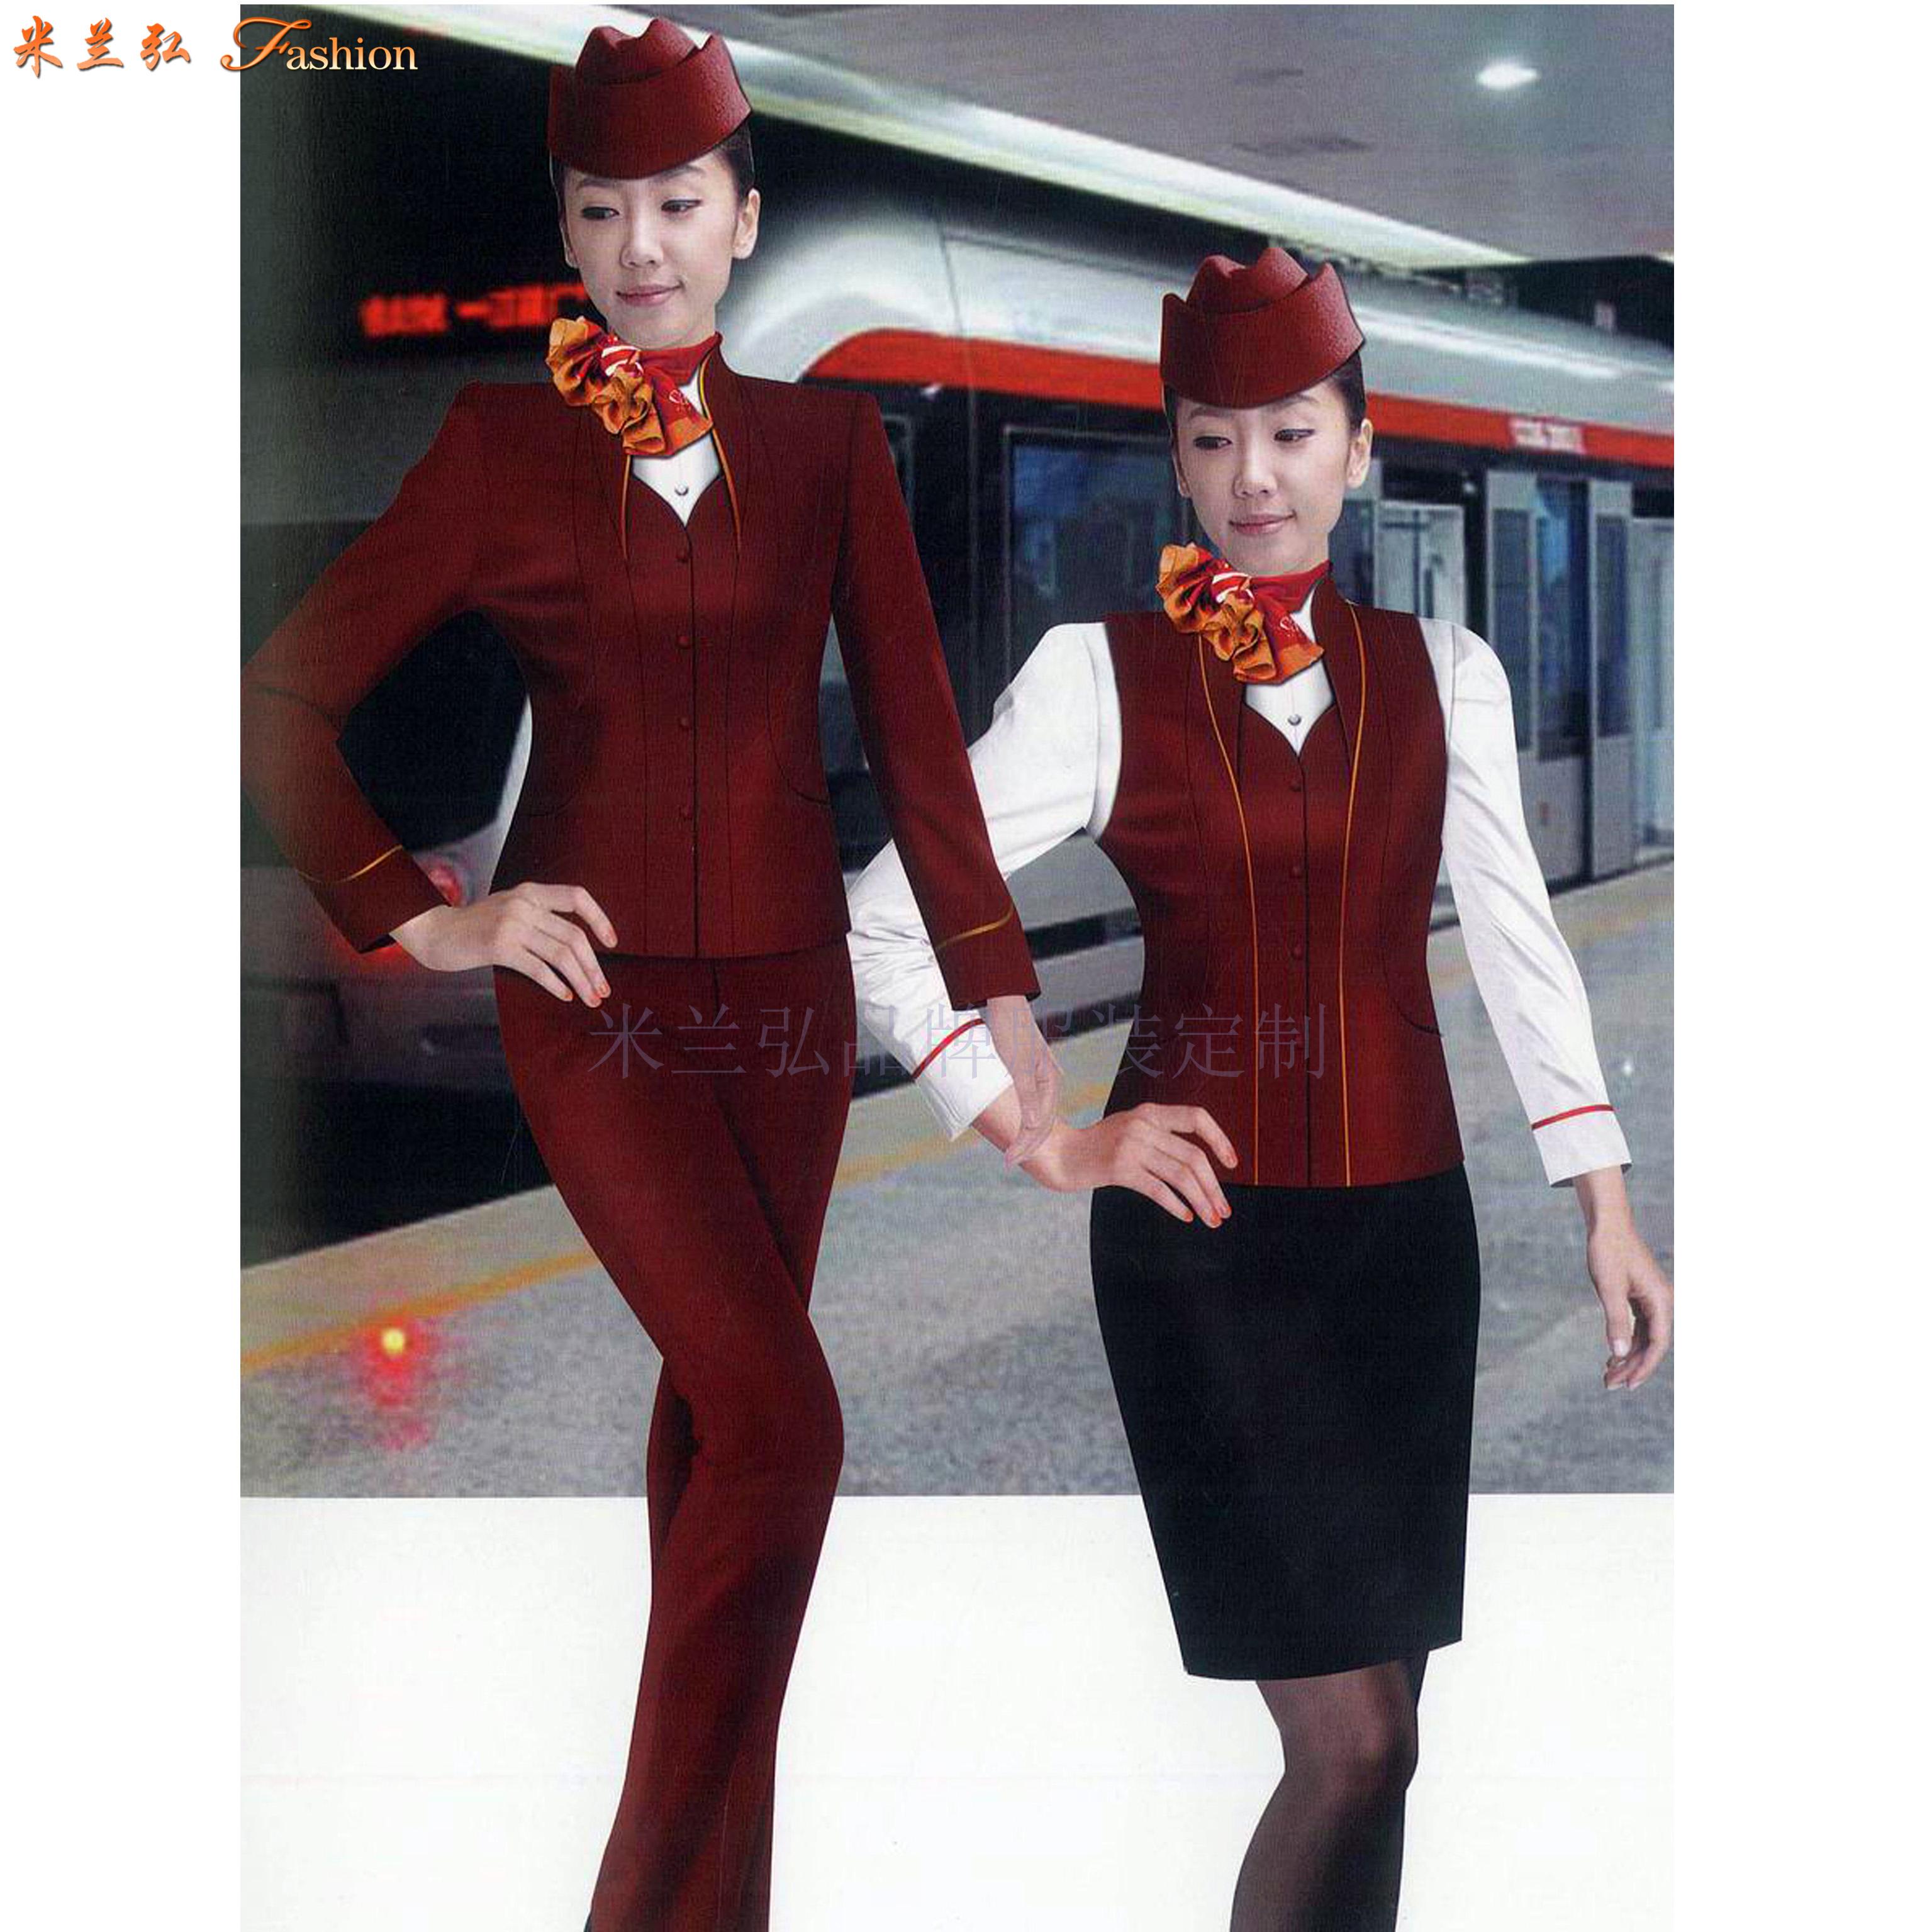 -高鐵服裝-采購批發市場優質高鐵服裝價格品牌廠商_米蘭弘-6